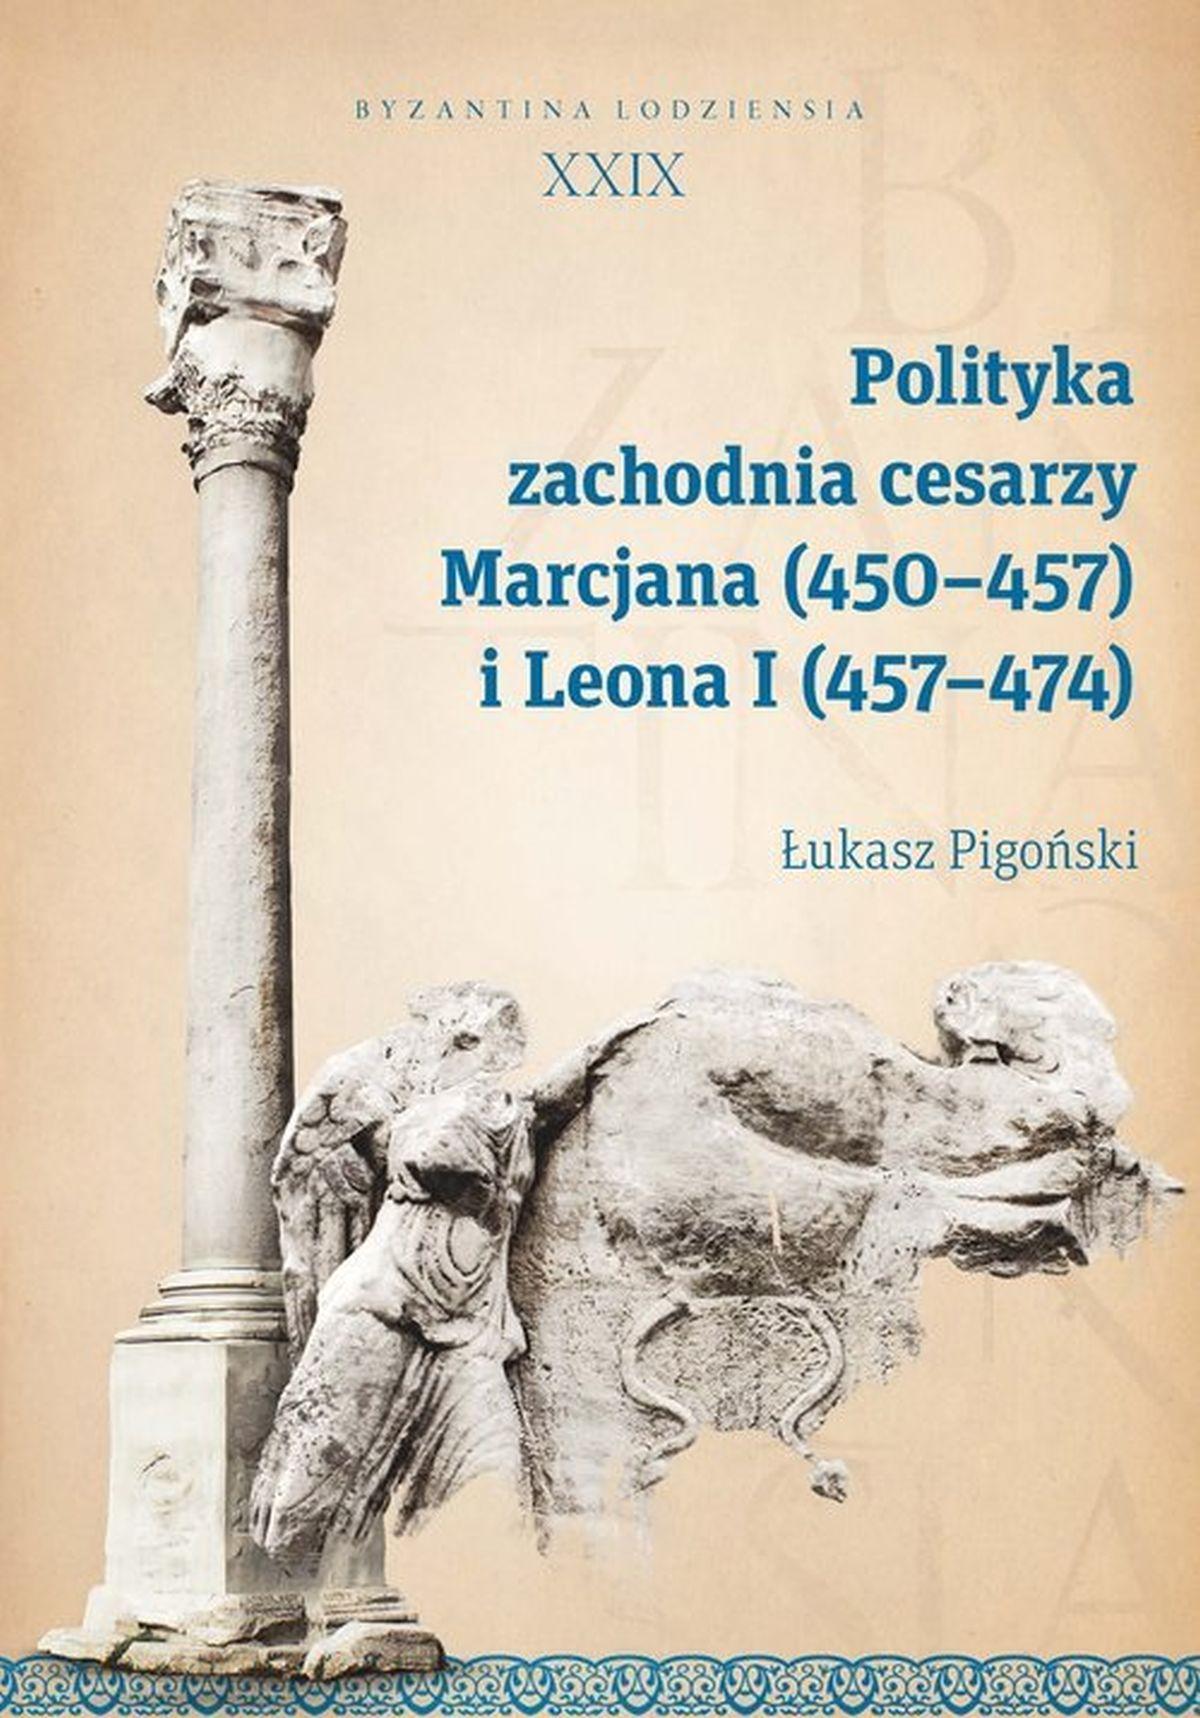 Łukasz Pigoński, Polityka zachodnia cesarzy Marcjana (450-457) i Leona I (457-474)